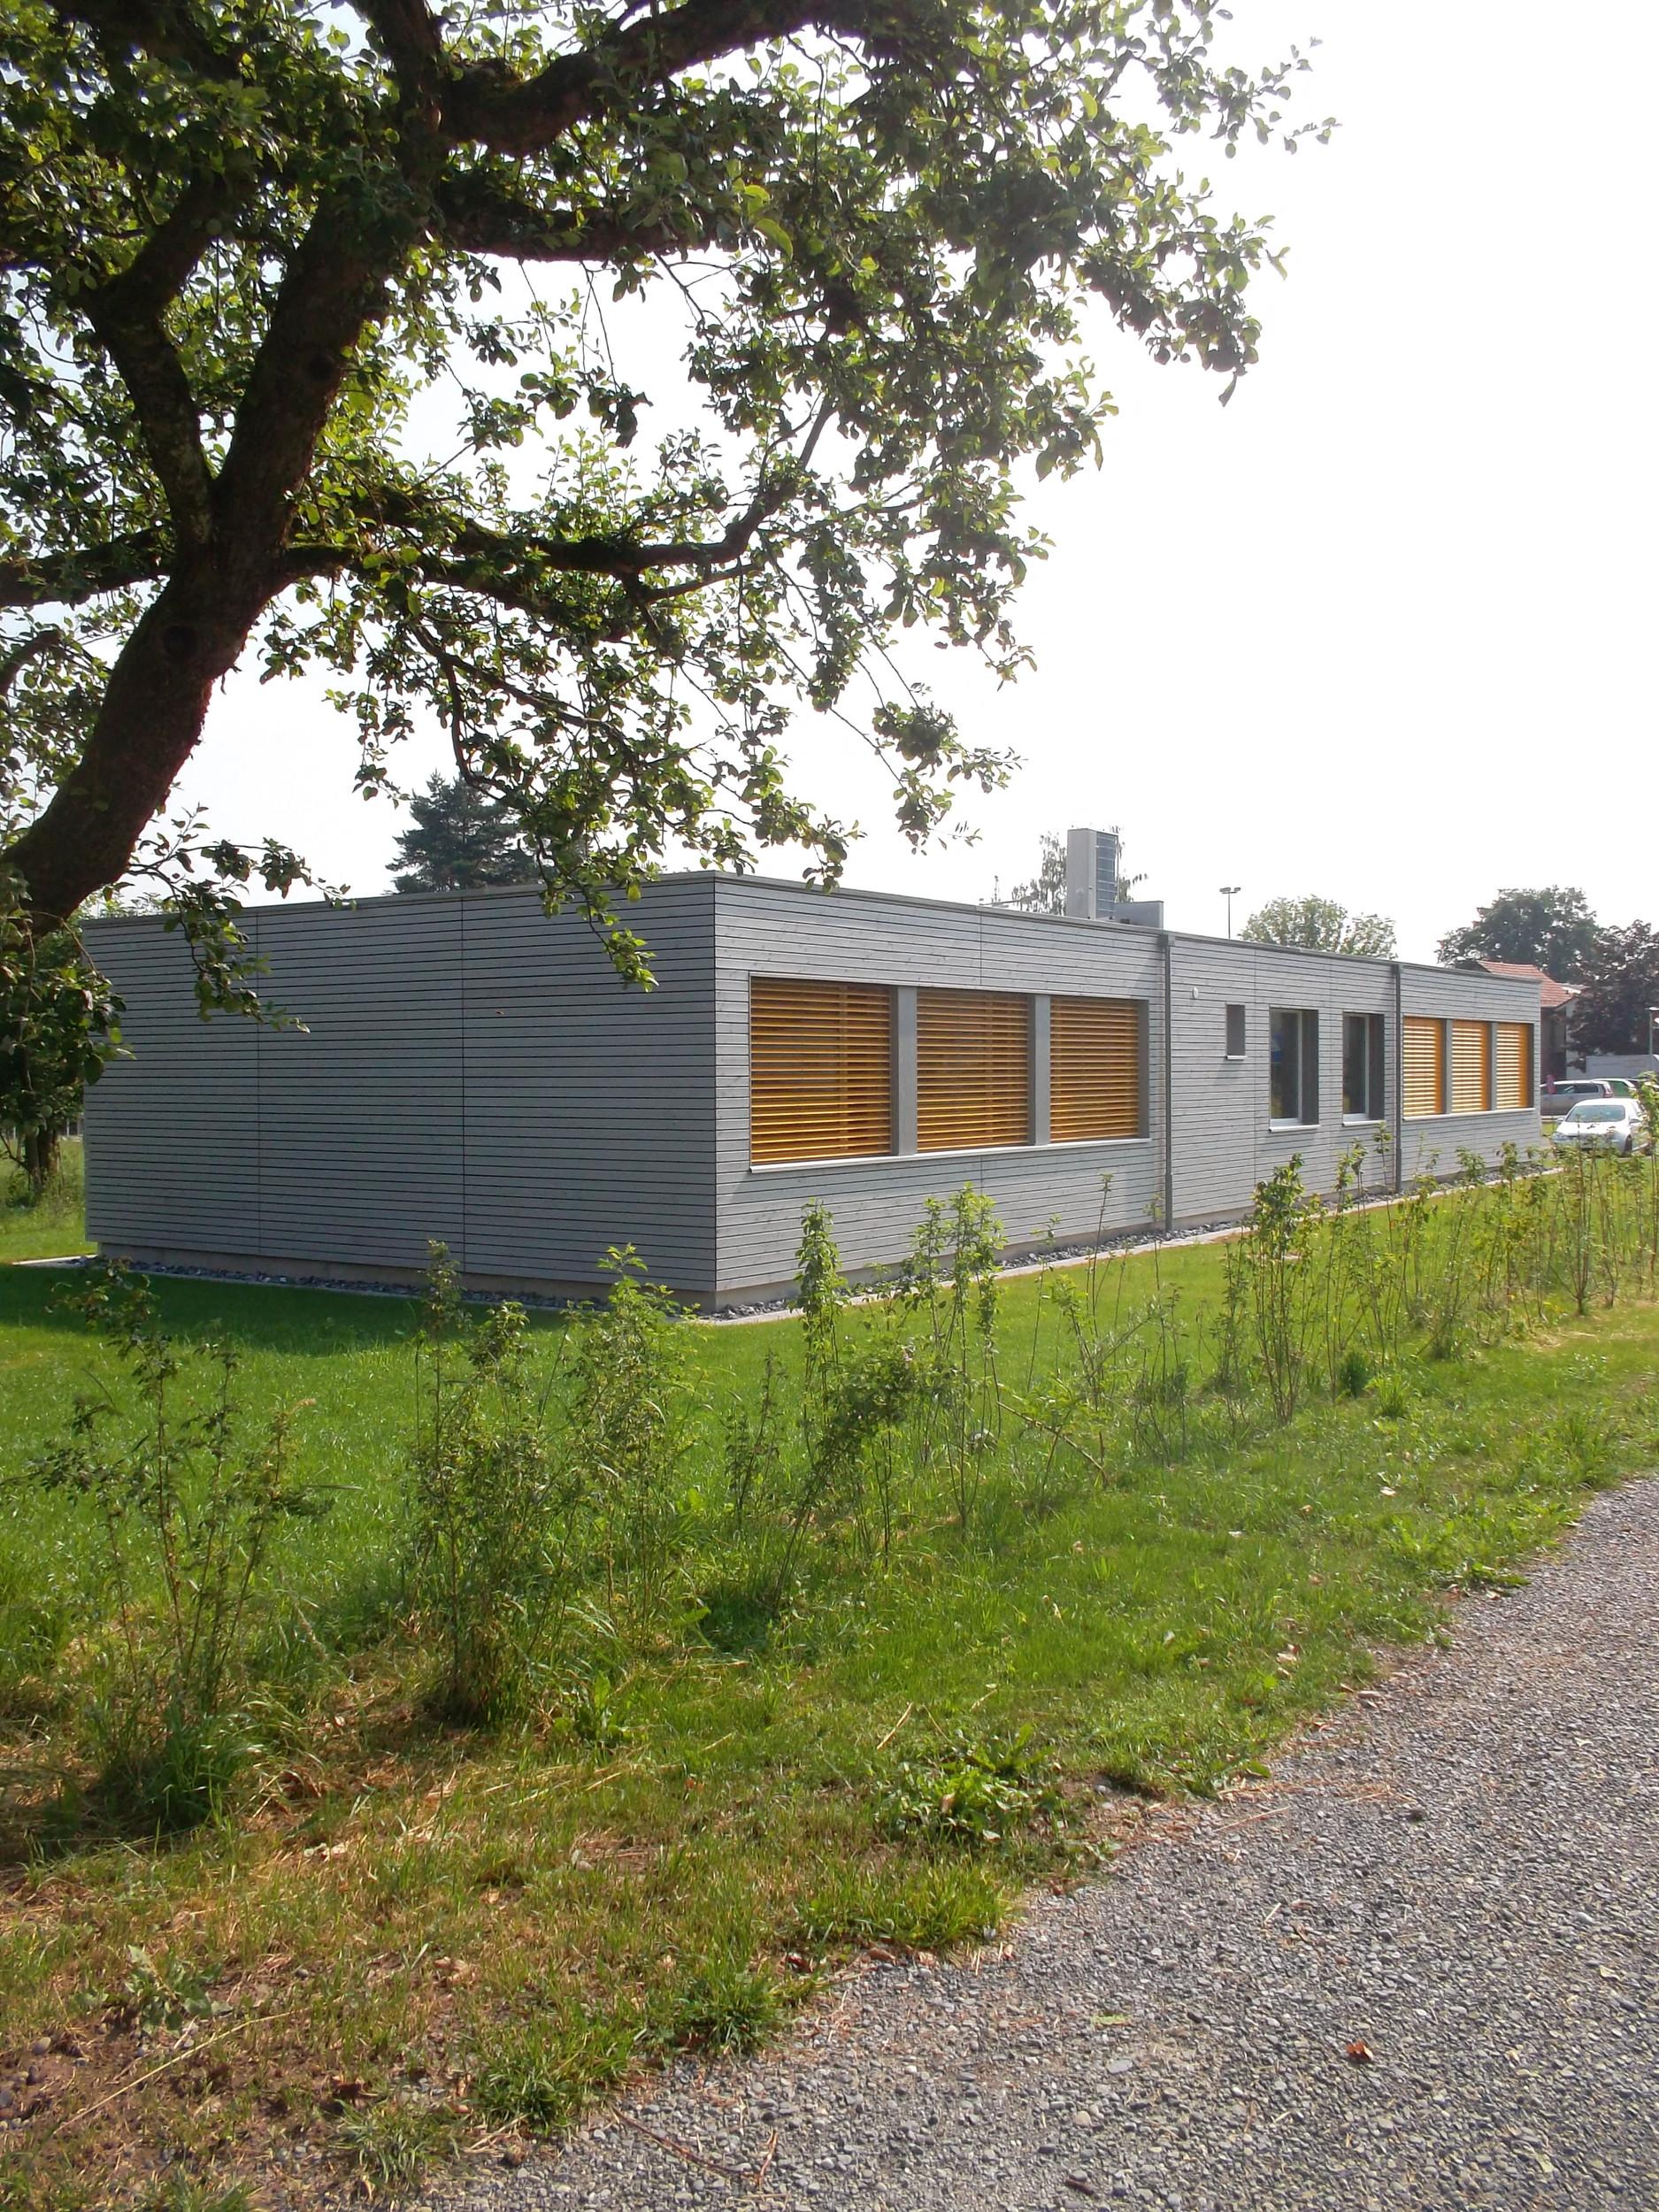 1-geschossiges Schulgebäude in Modulbauweise